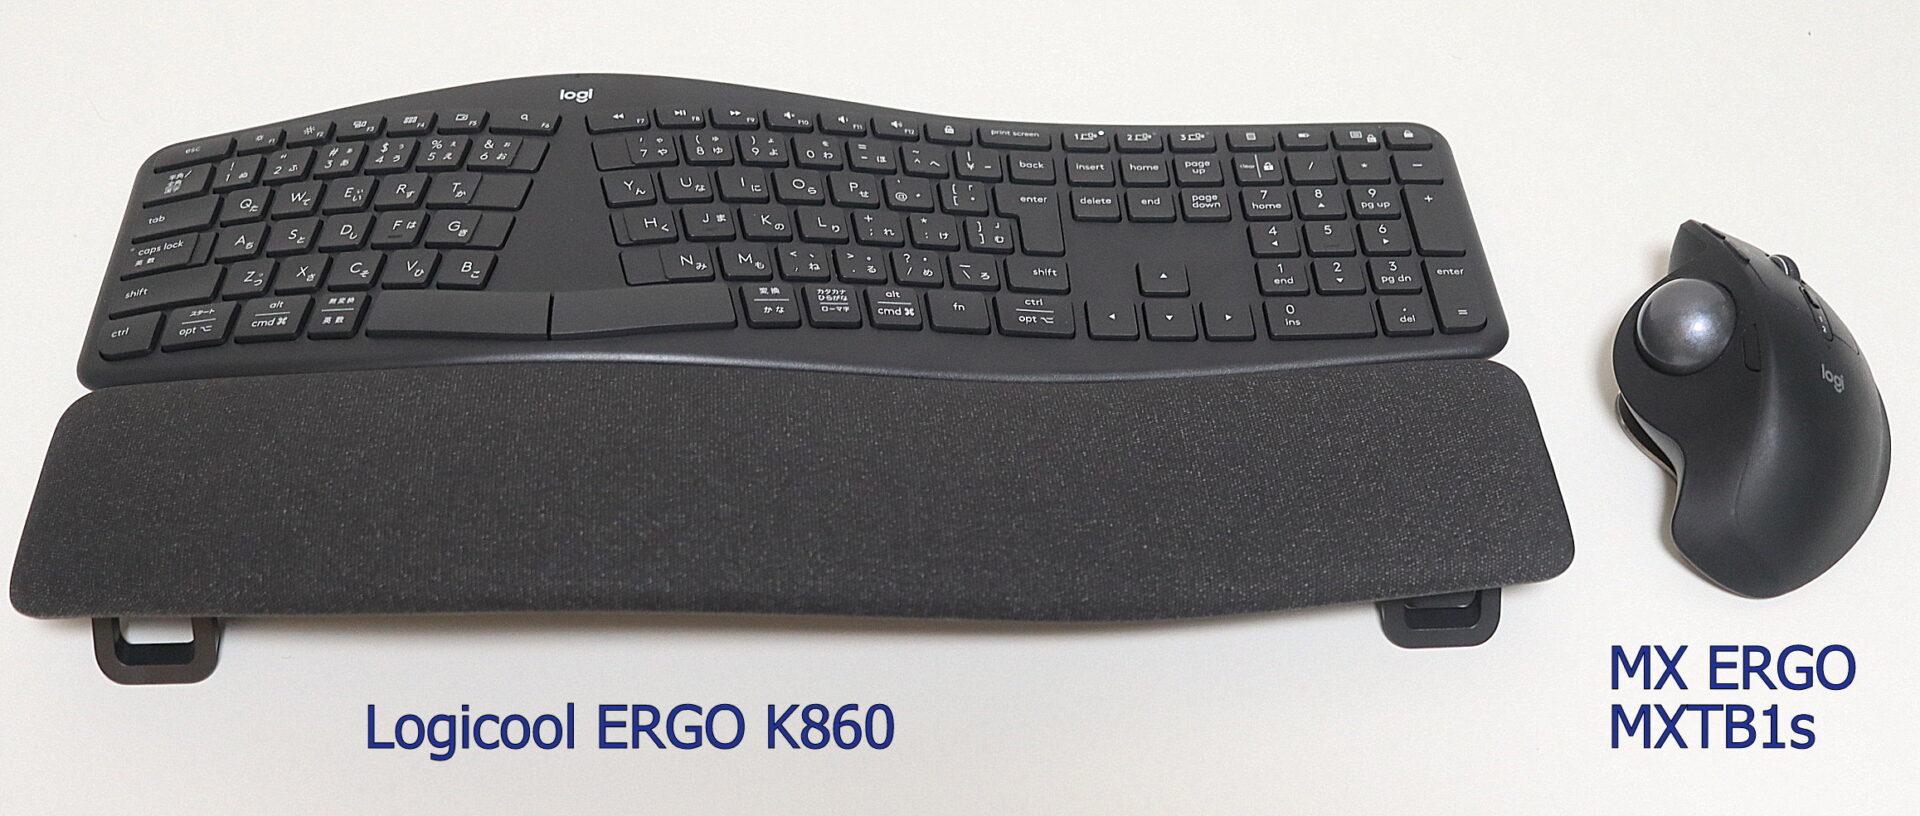 ロジクール ERGO K860 エルゴノミック スプリット キーボードのレビュー